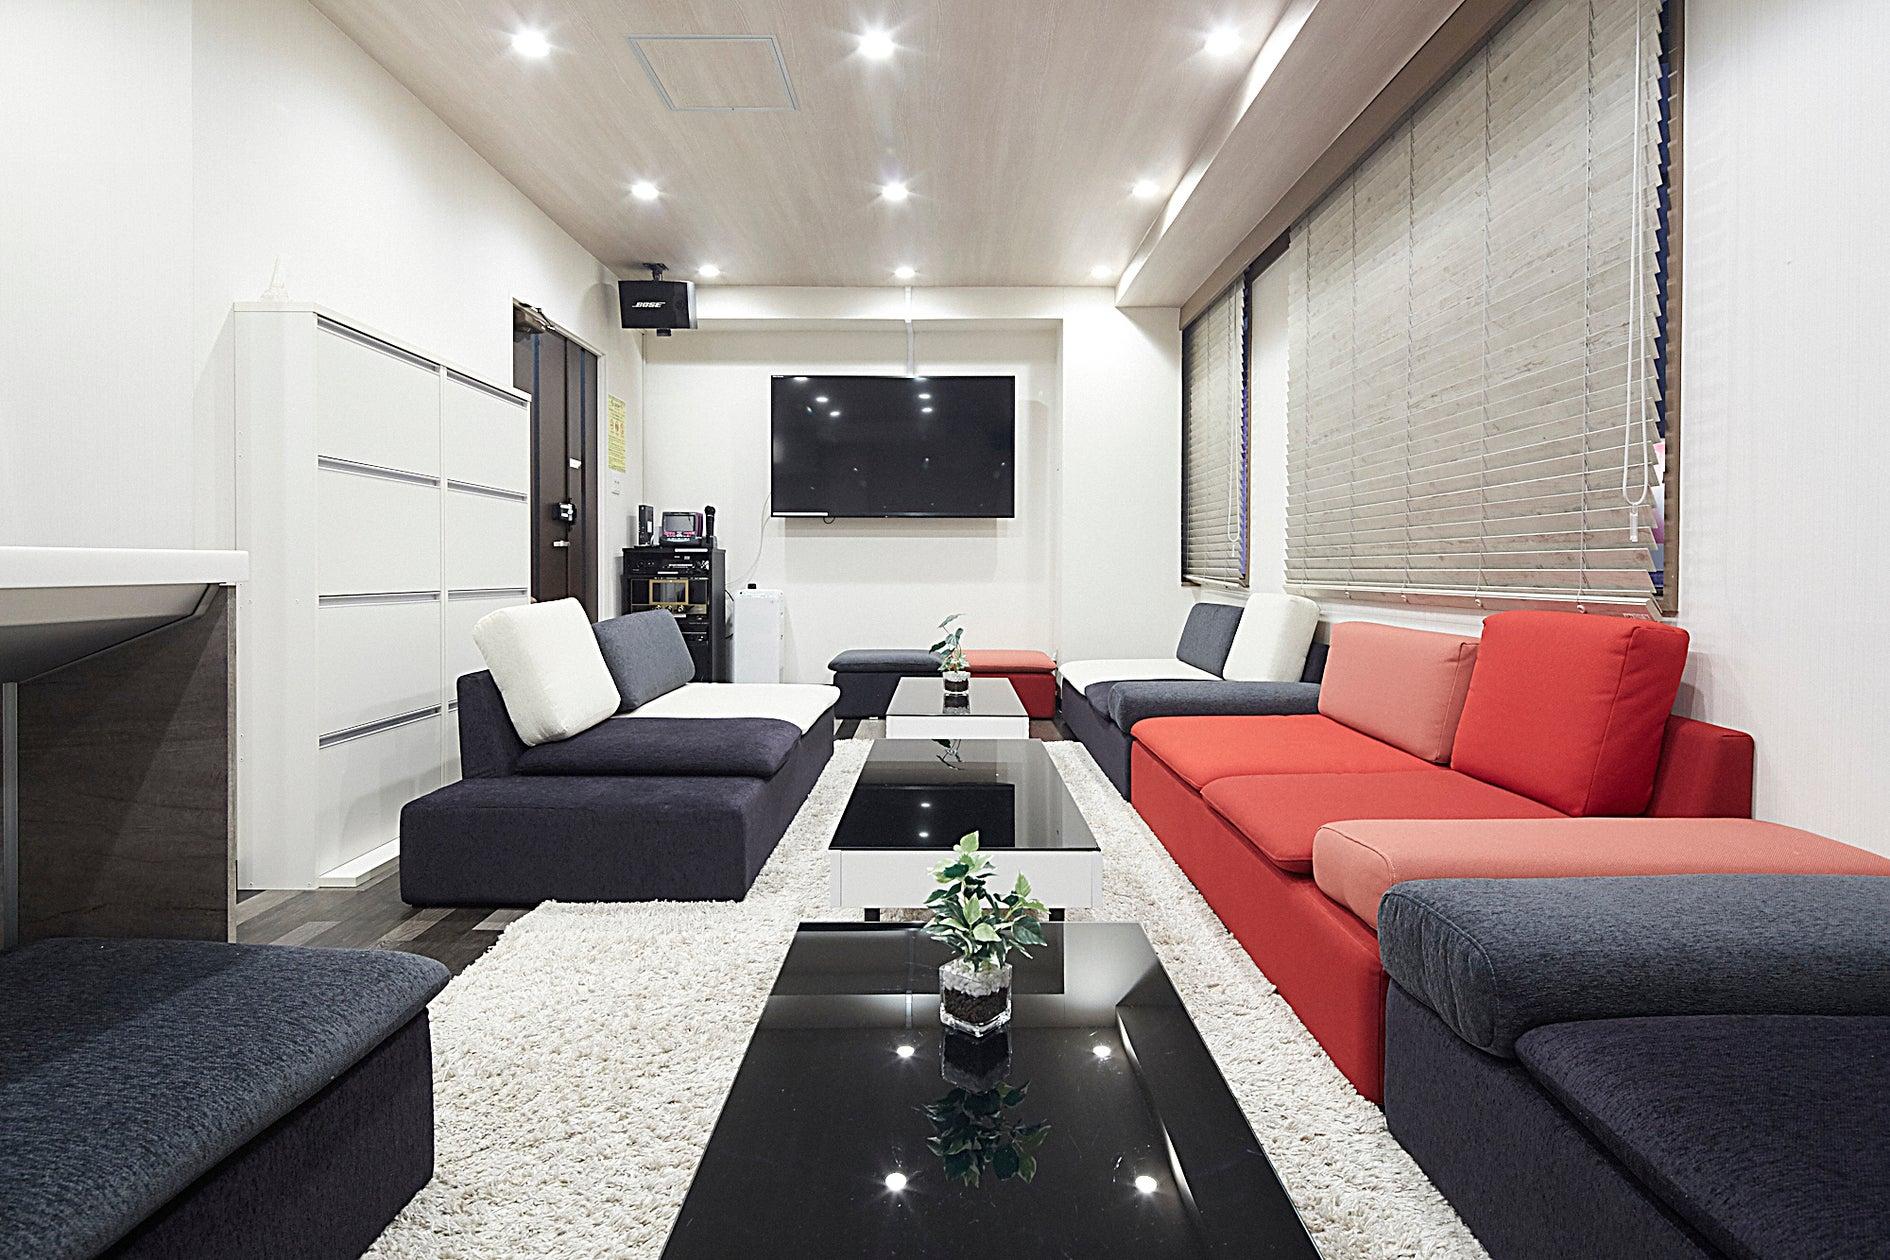 【渋谷駅徒歩5分】Lounge-R 渋谷【カラオケ・キッチン付き!】(【渋谷駅徒歩5分】渋谷宇田川町イベントスペース【パーティー・セミナーなどに!】) の写真0